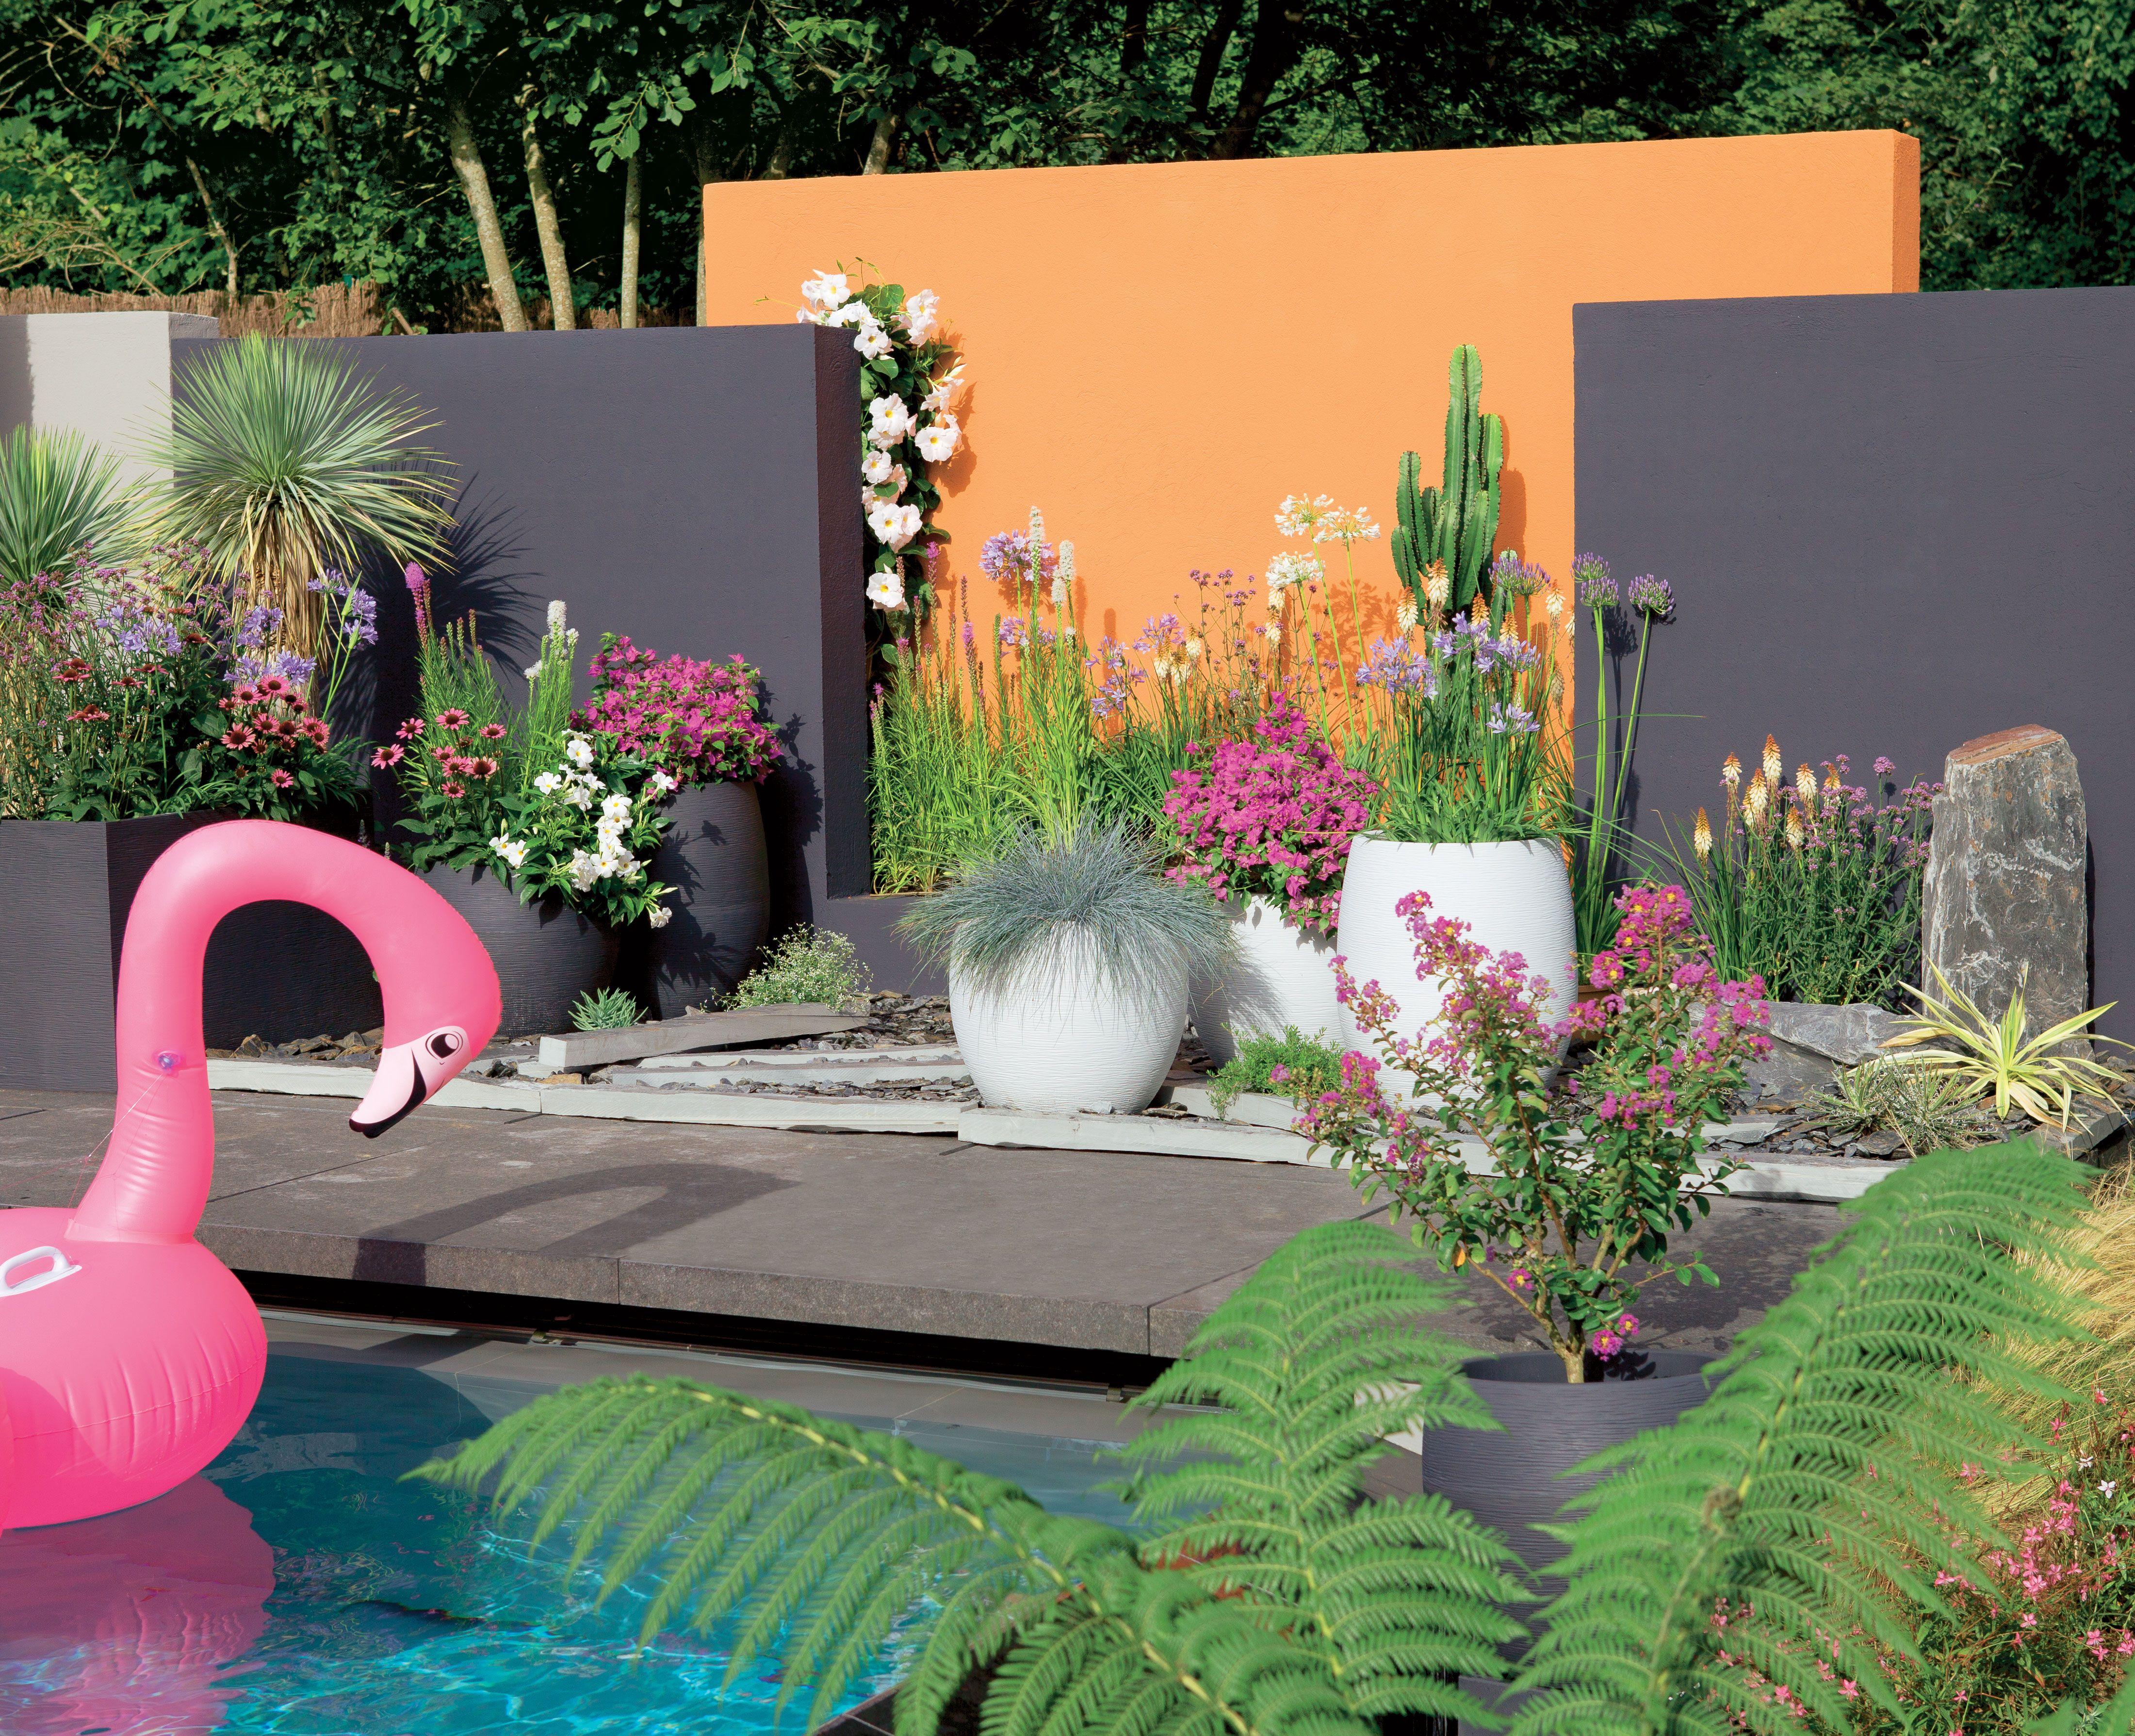 Photo Petit Jardin Exotique un jardin exotique, coloré, dépaysant c'est possible